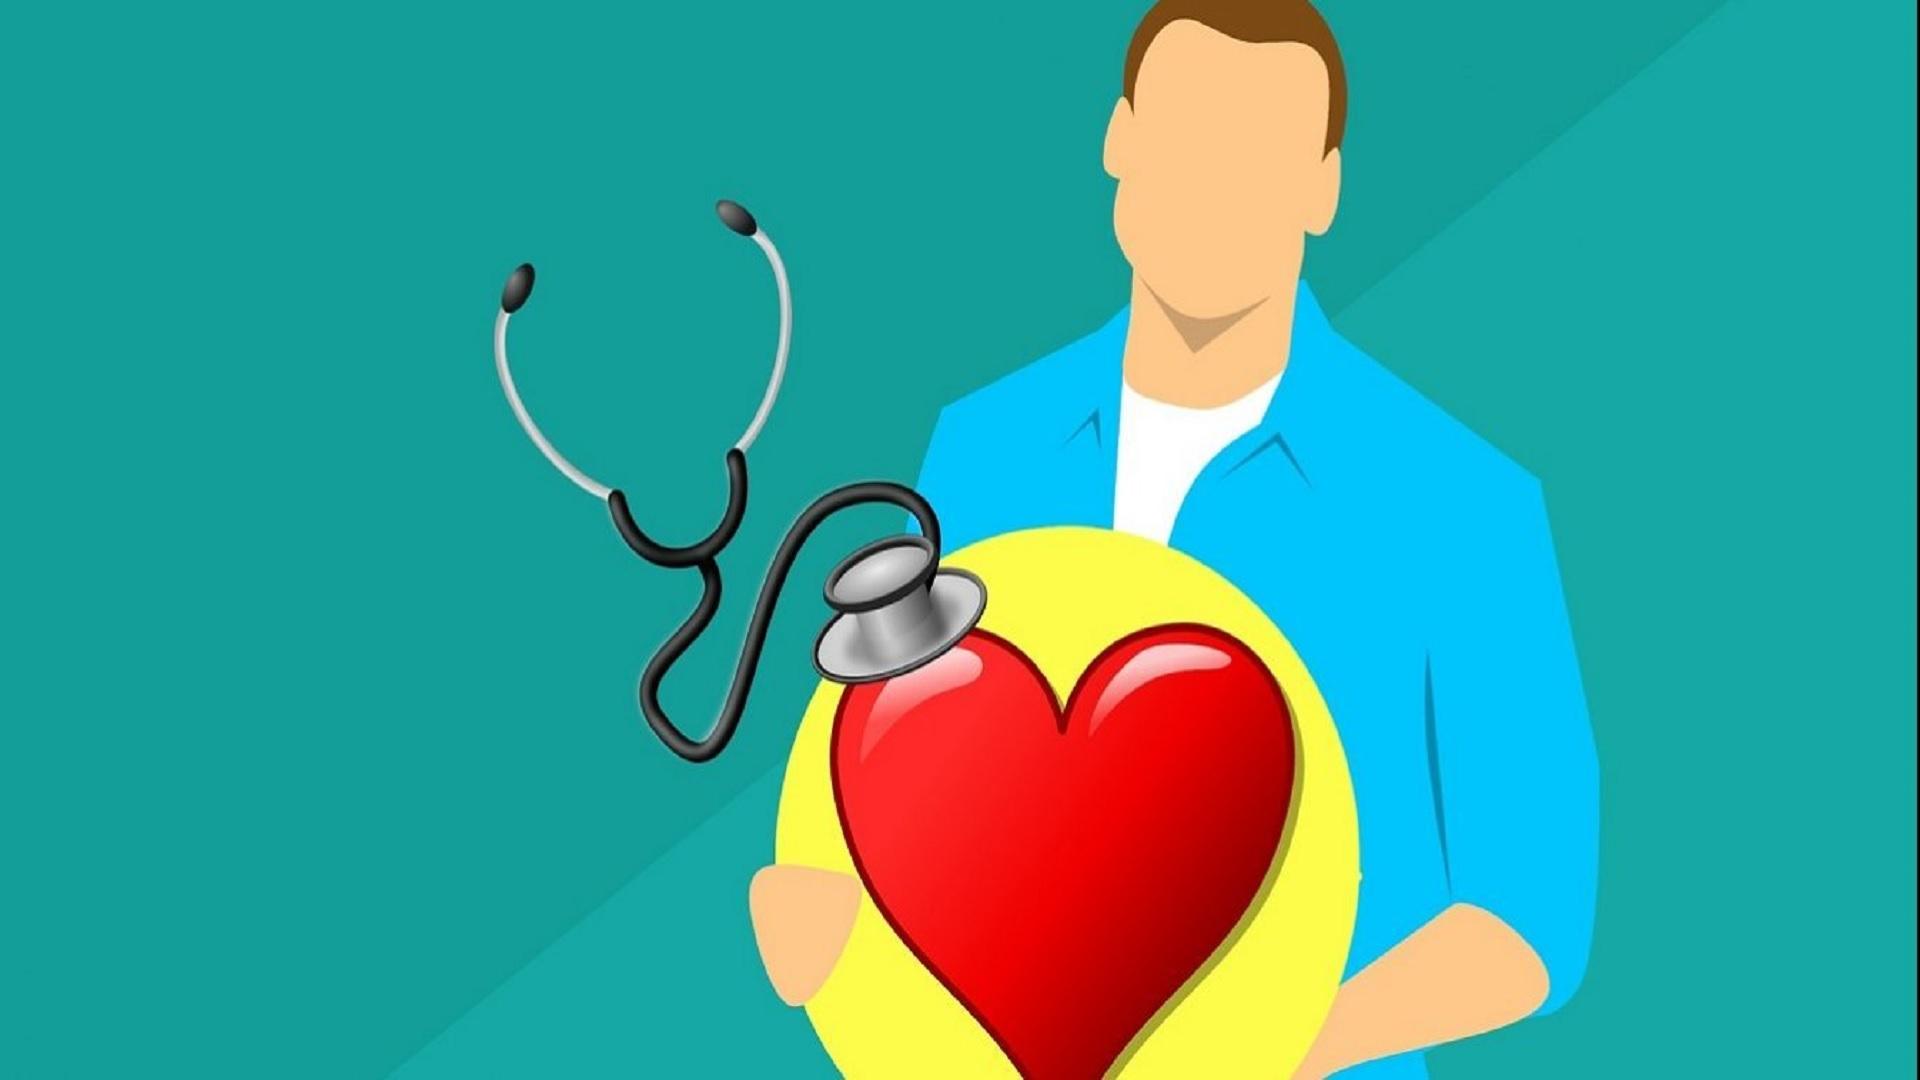 Τεχνικές απεικόνισης για την αξιολόγηση του καρδιαγγειακού κινδύνου